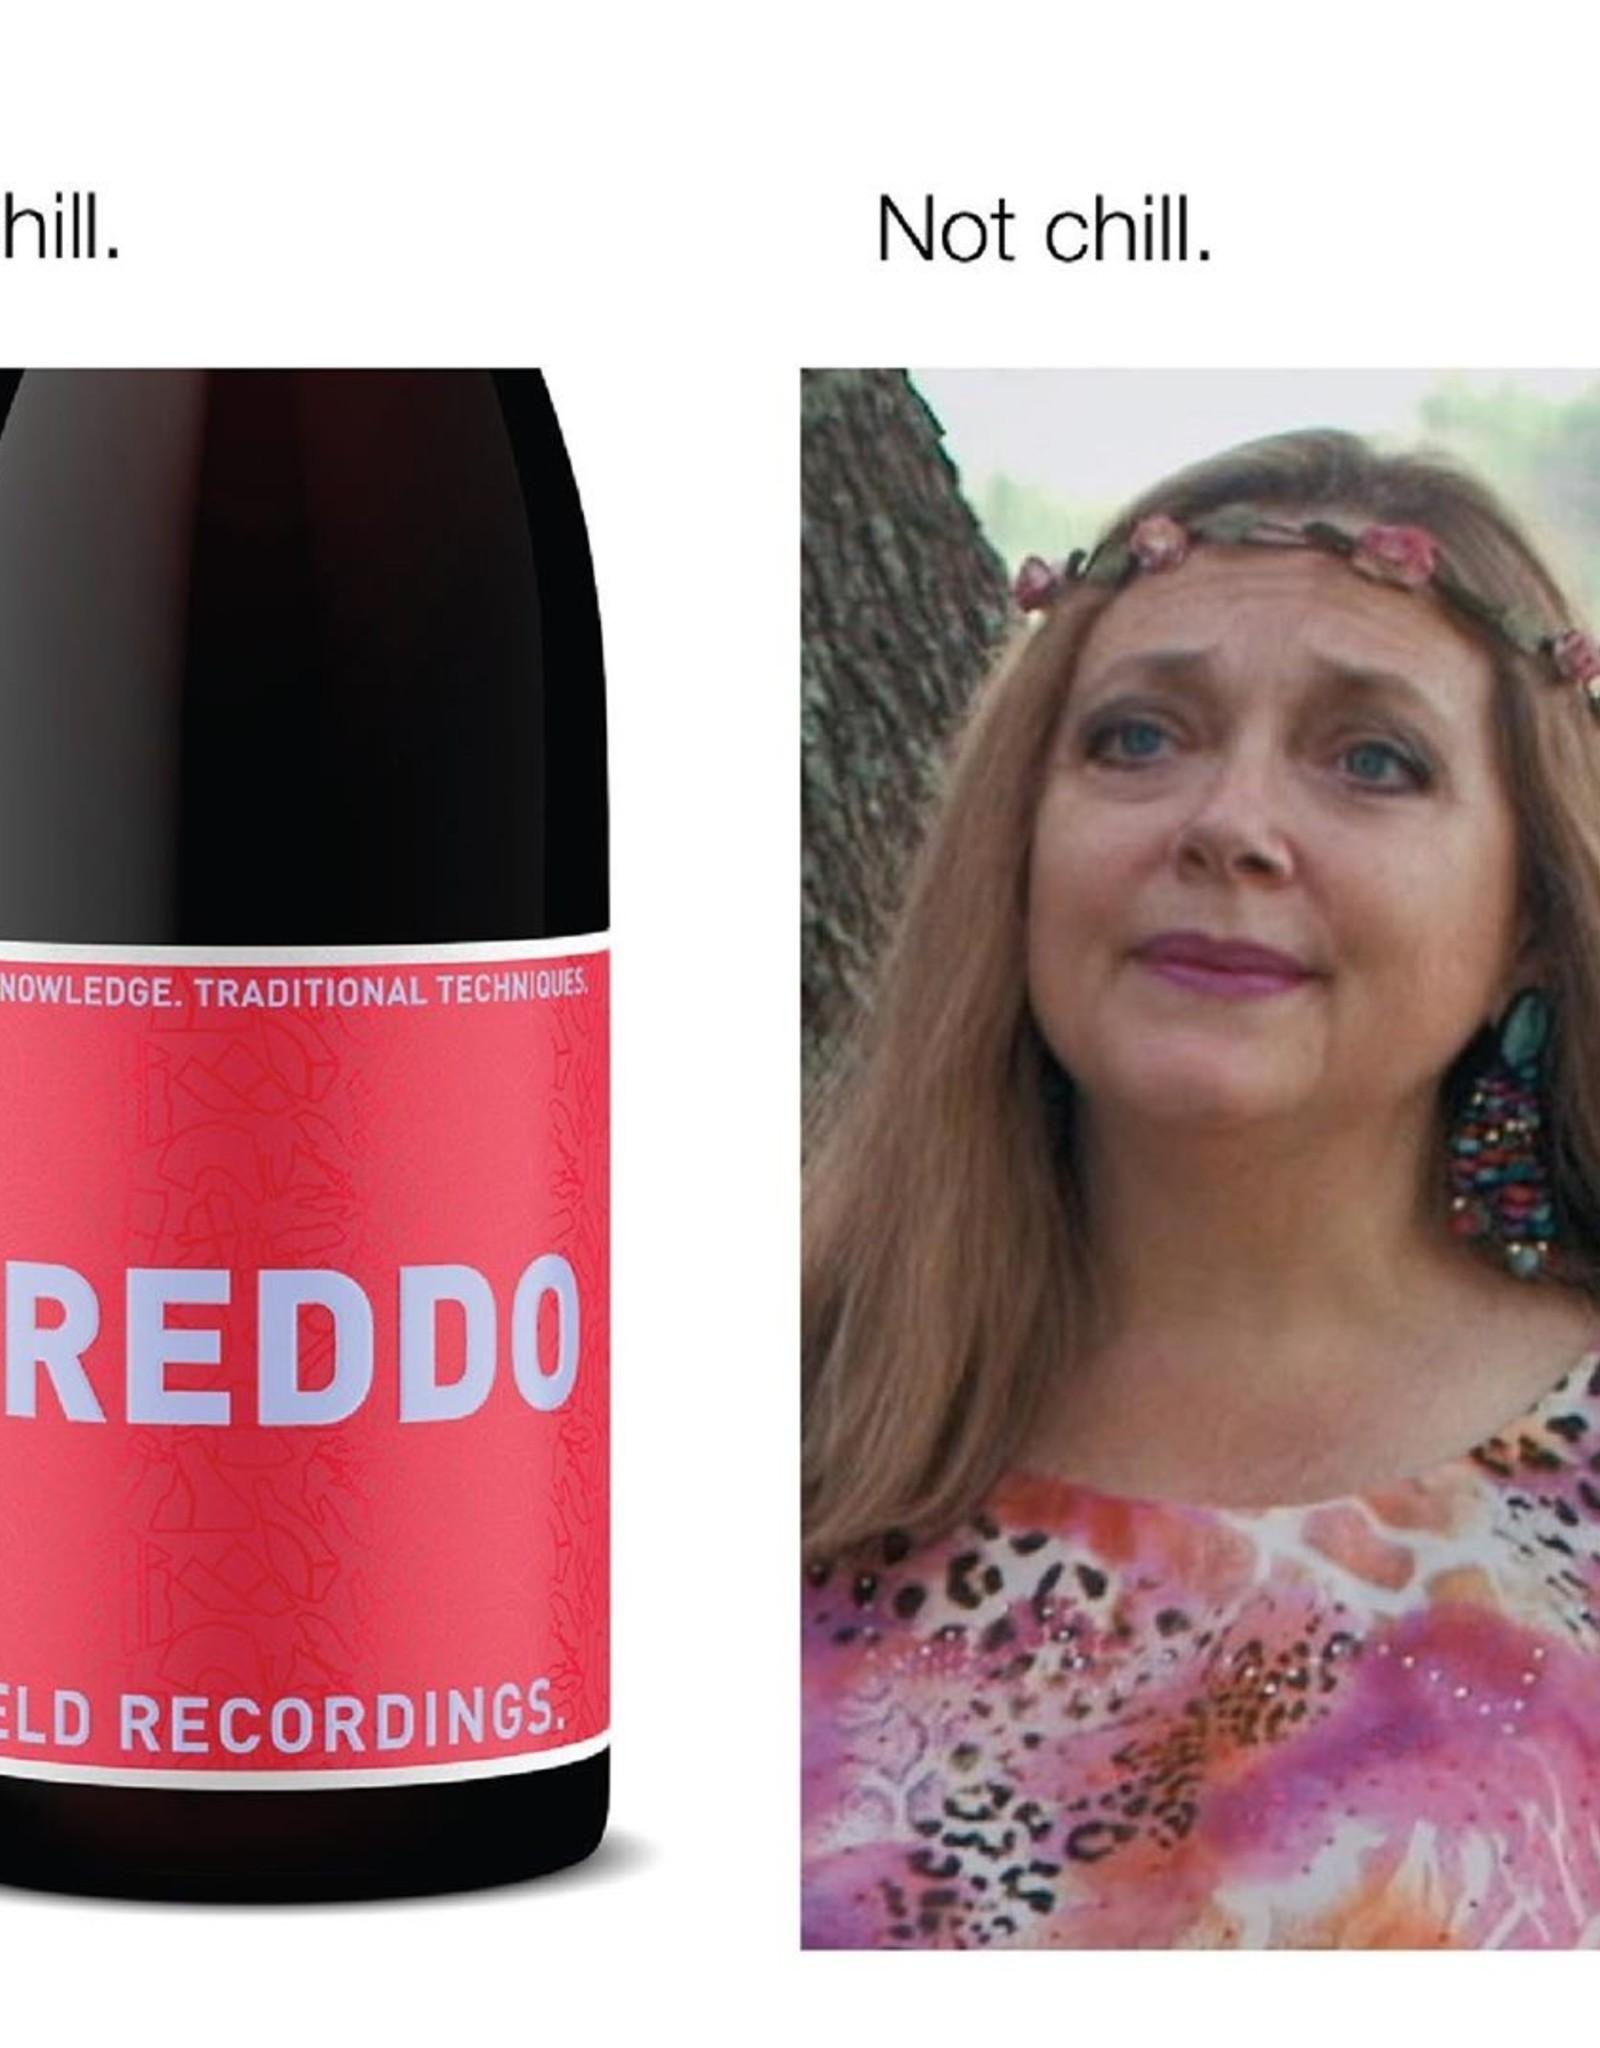 Field Recordings Field Recordings Freddo